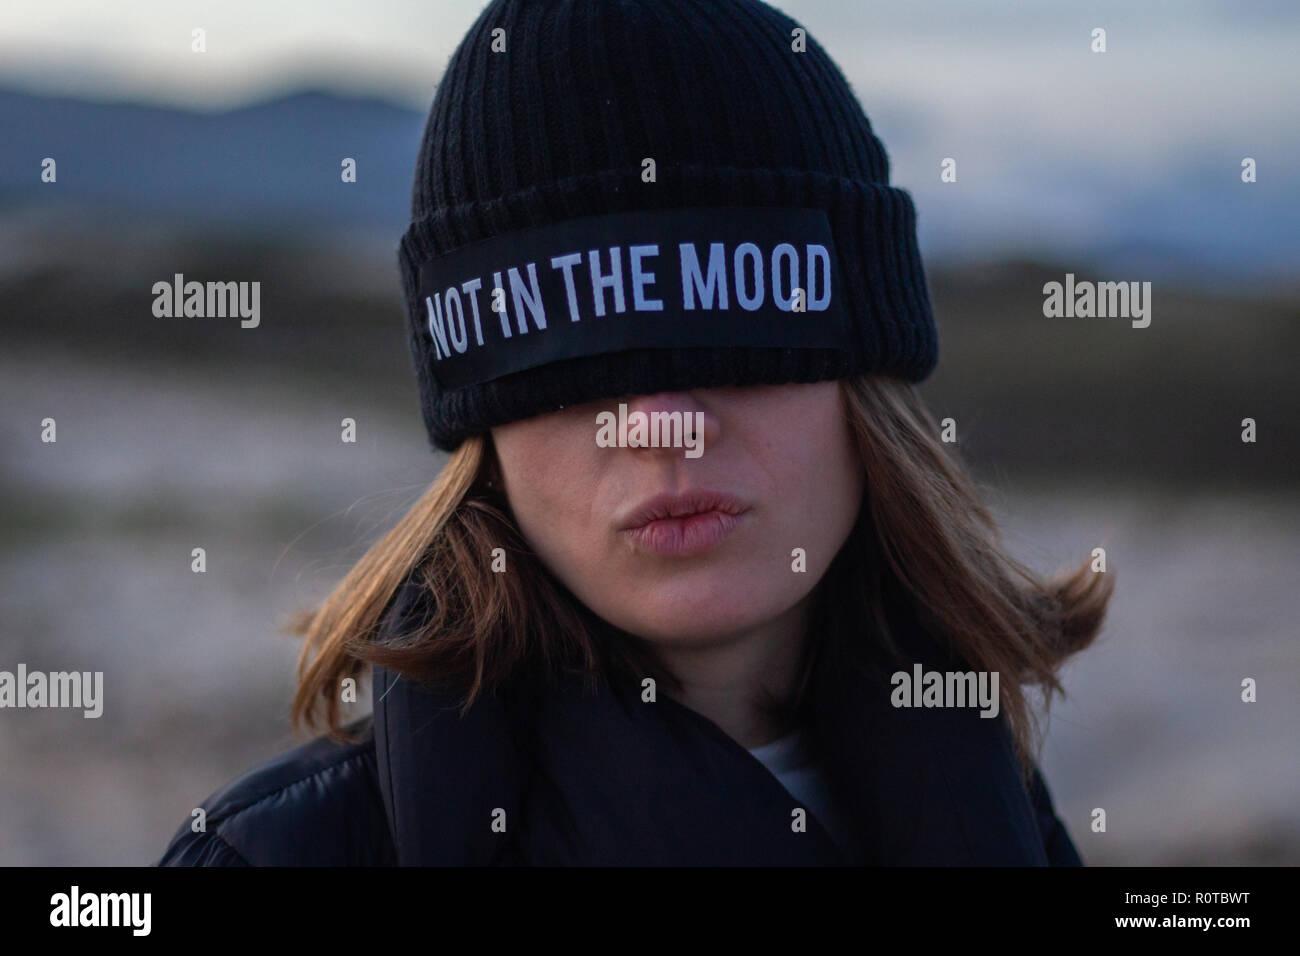 Girl wearing a black cap couvrant ses yeux avec le dit pas dans l'humeur Photo Stock